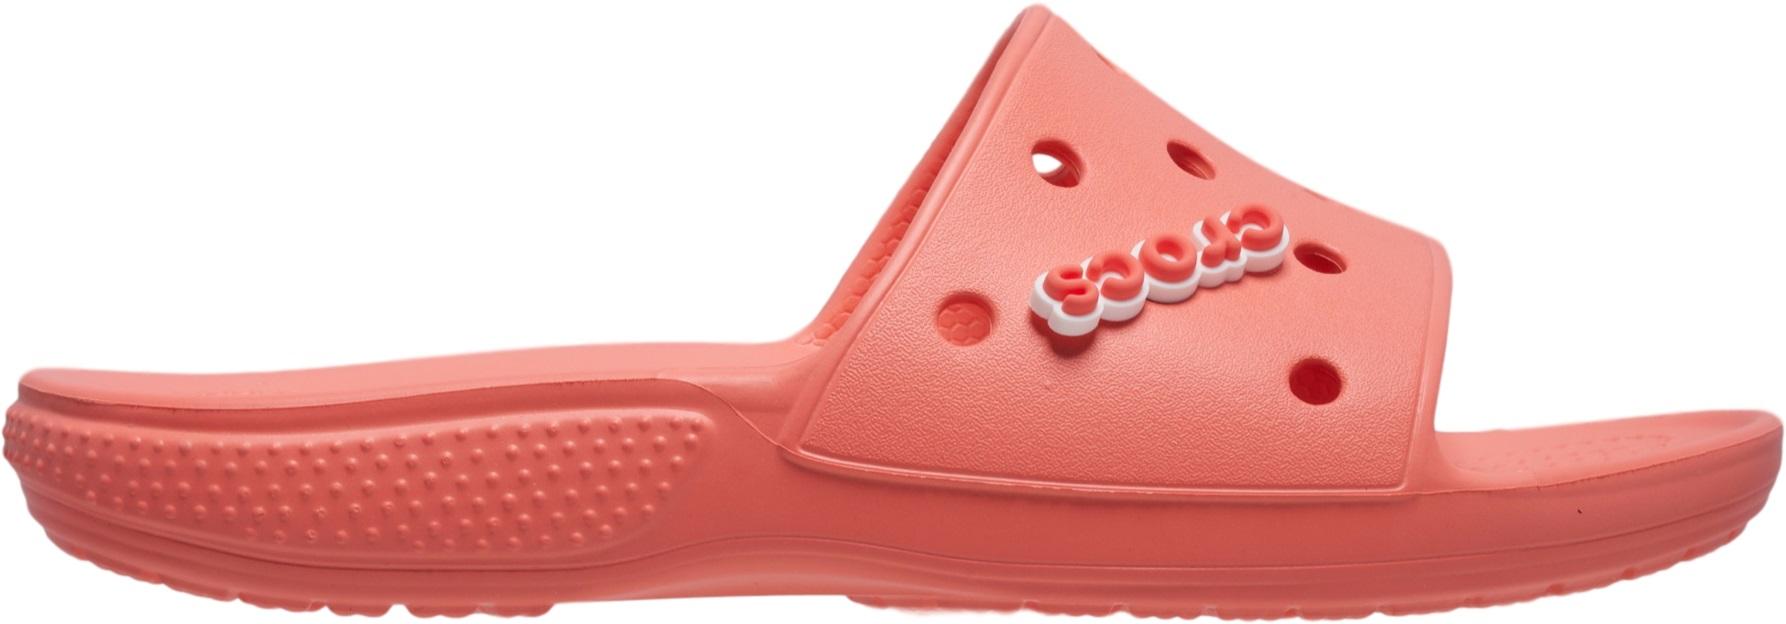 Crocs™ Classic Slide 206121 Fresco 37,5